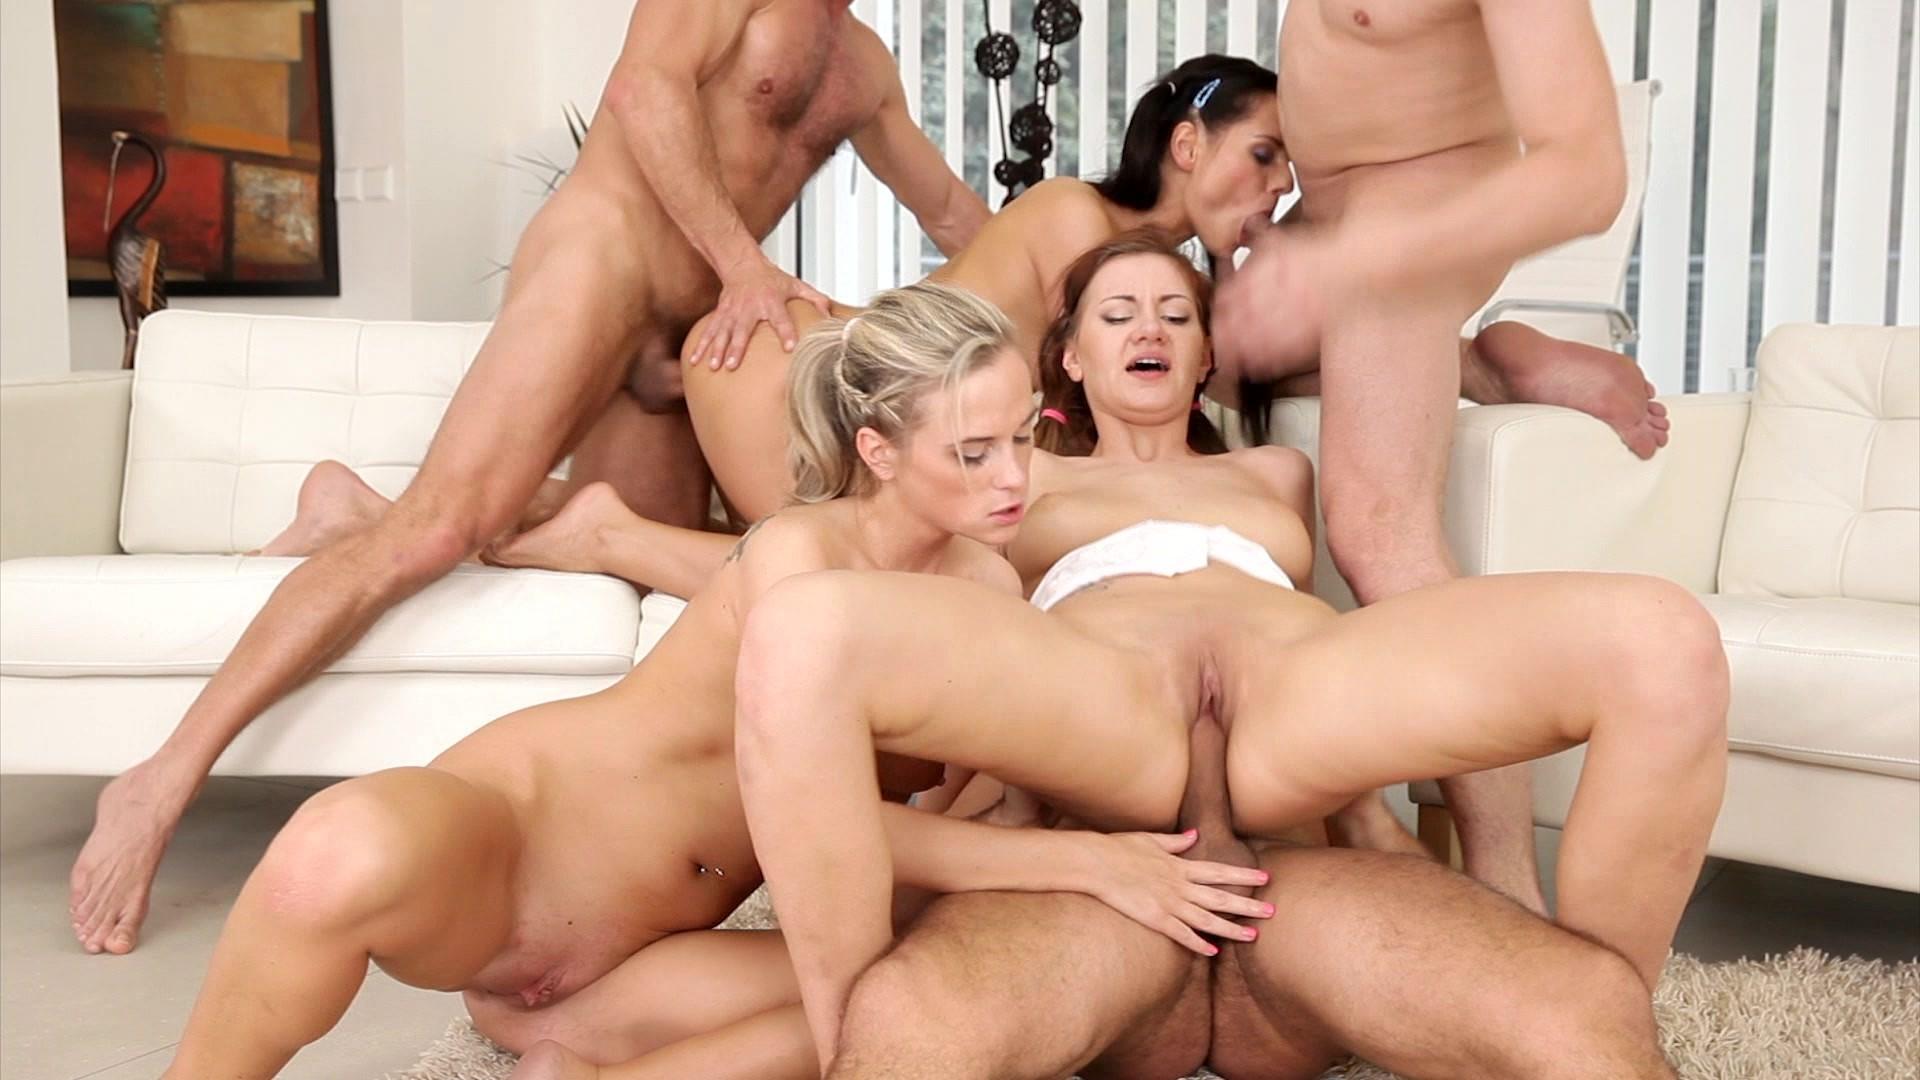 Просмотреть порно груповое, Групповуха и групповое порно смотреть онлайн 3 фотография